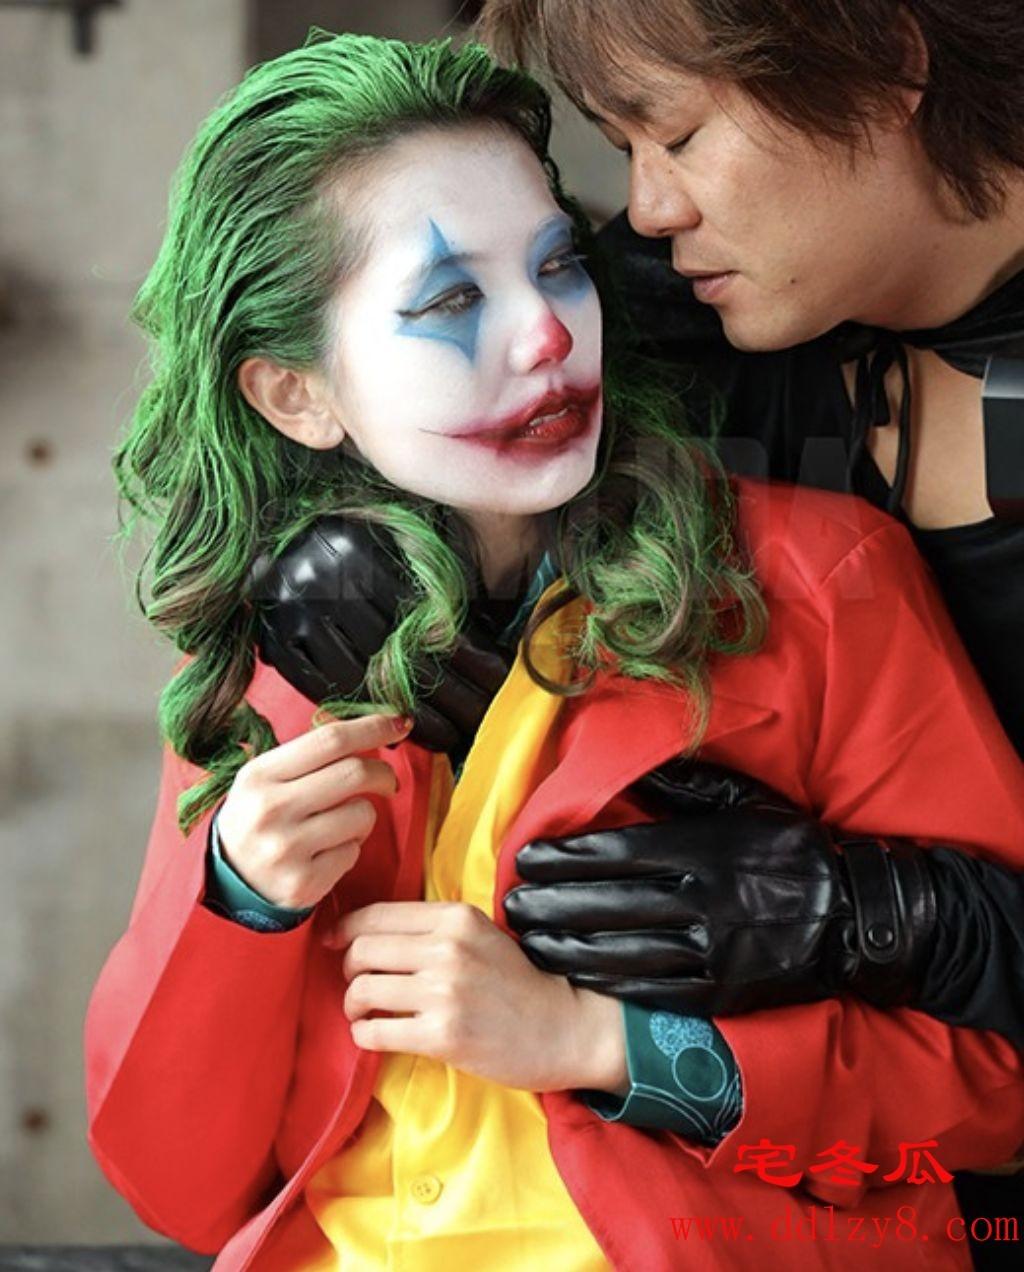 波多野结衣都不喜欢的作品:我很后悔演小丑女!